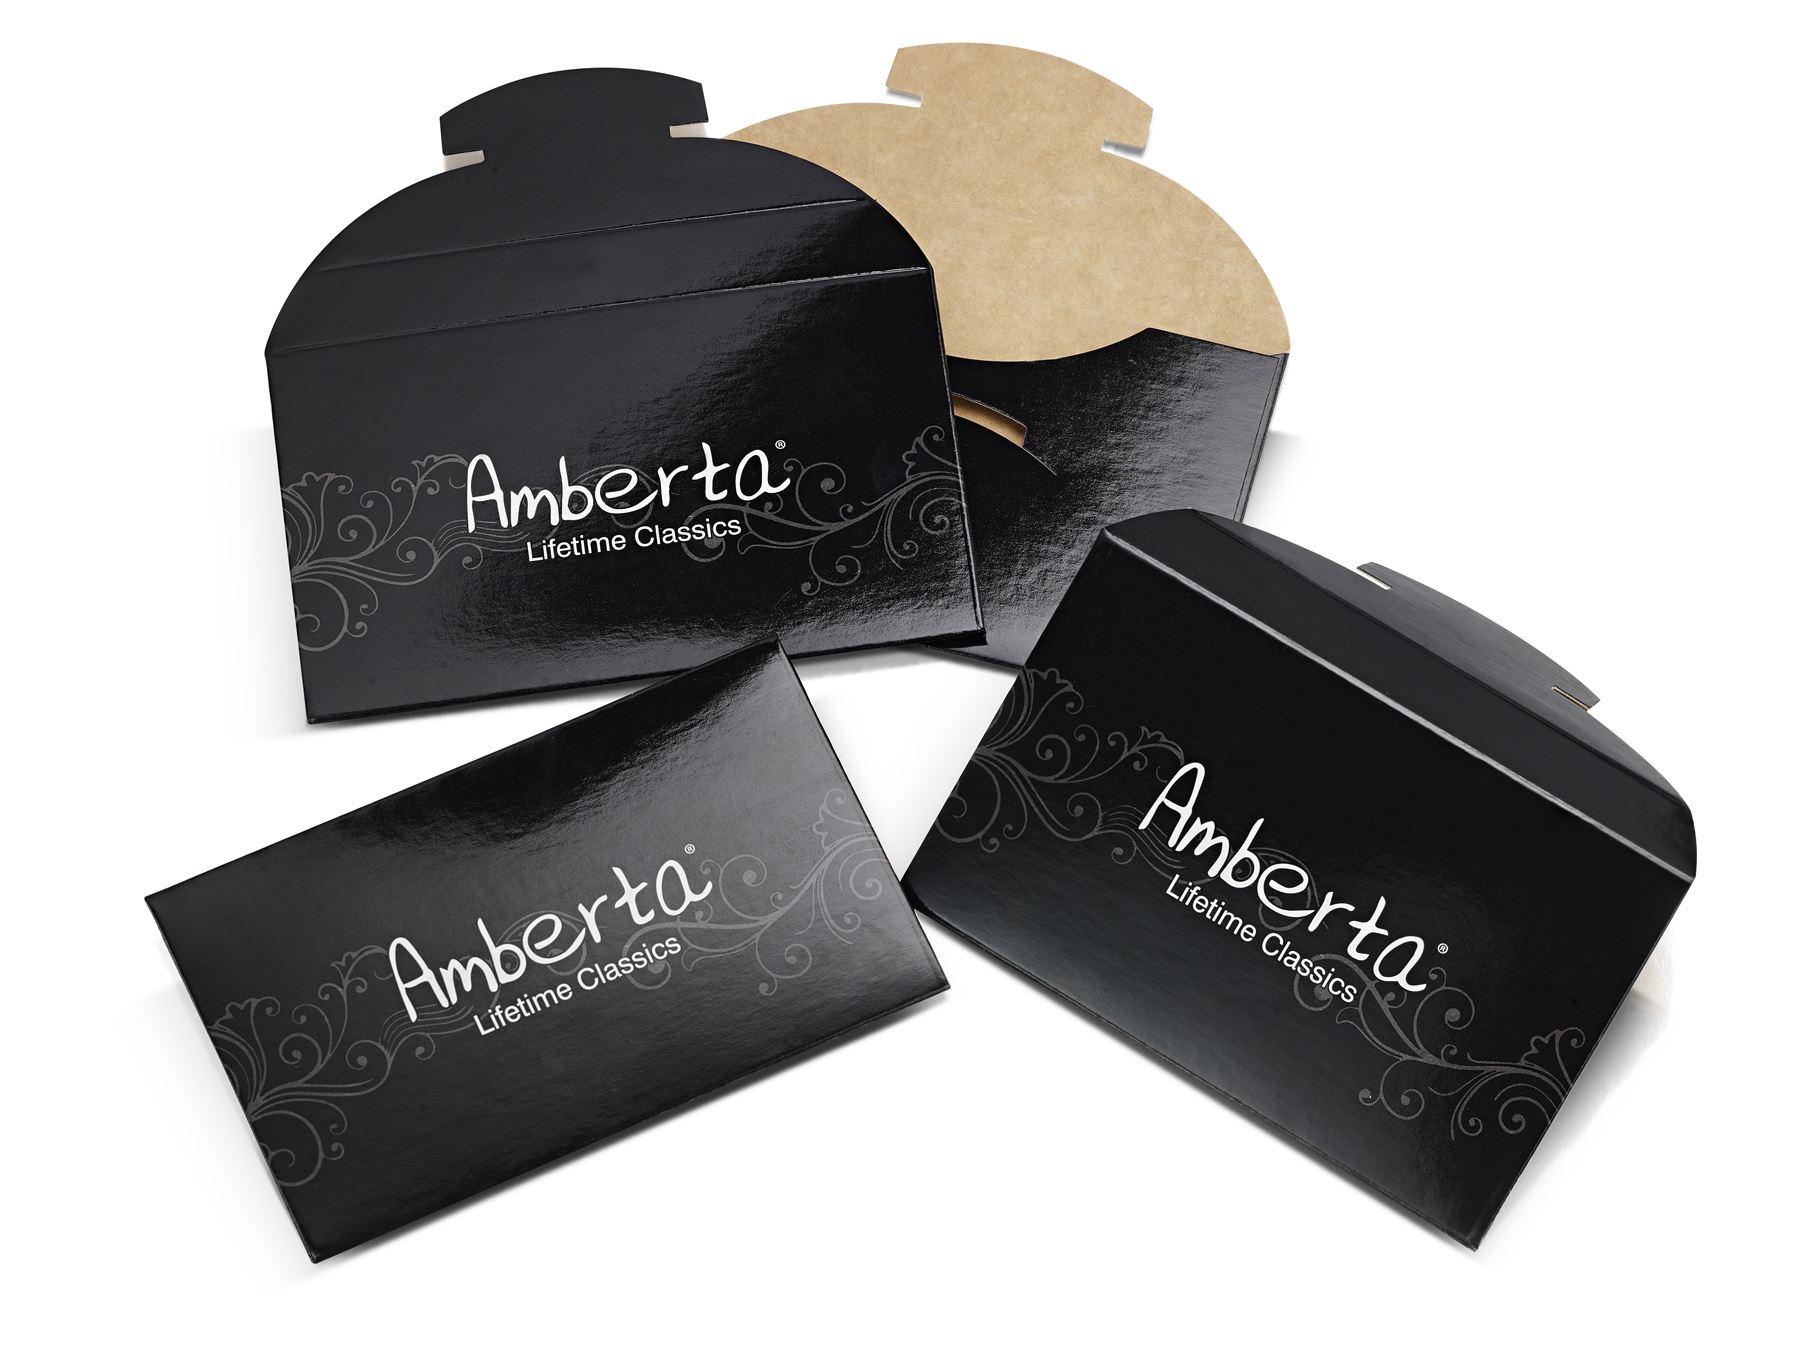 Amberta-Bijoux-Bracelet-en-Vrai-Argent-Sterling-925-Chaine-pour-Femme-a-la-Mode thumbnail 31